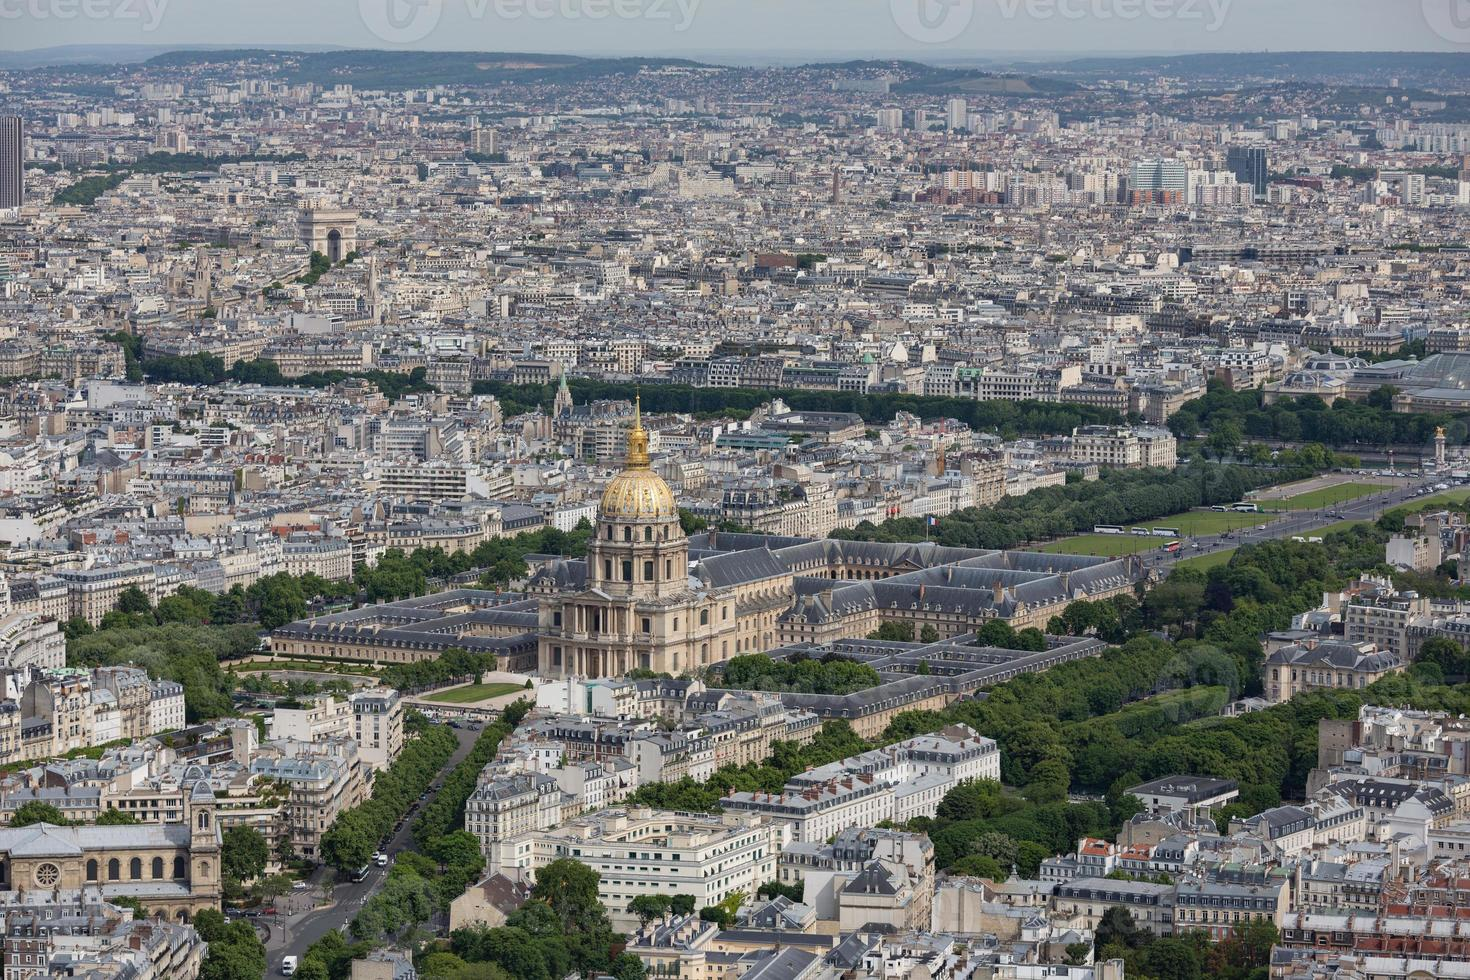 panorama de paris com vista aérea na cúpula des invalides foto